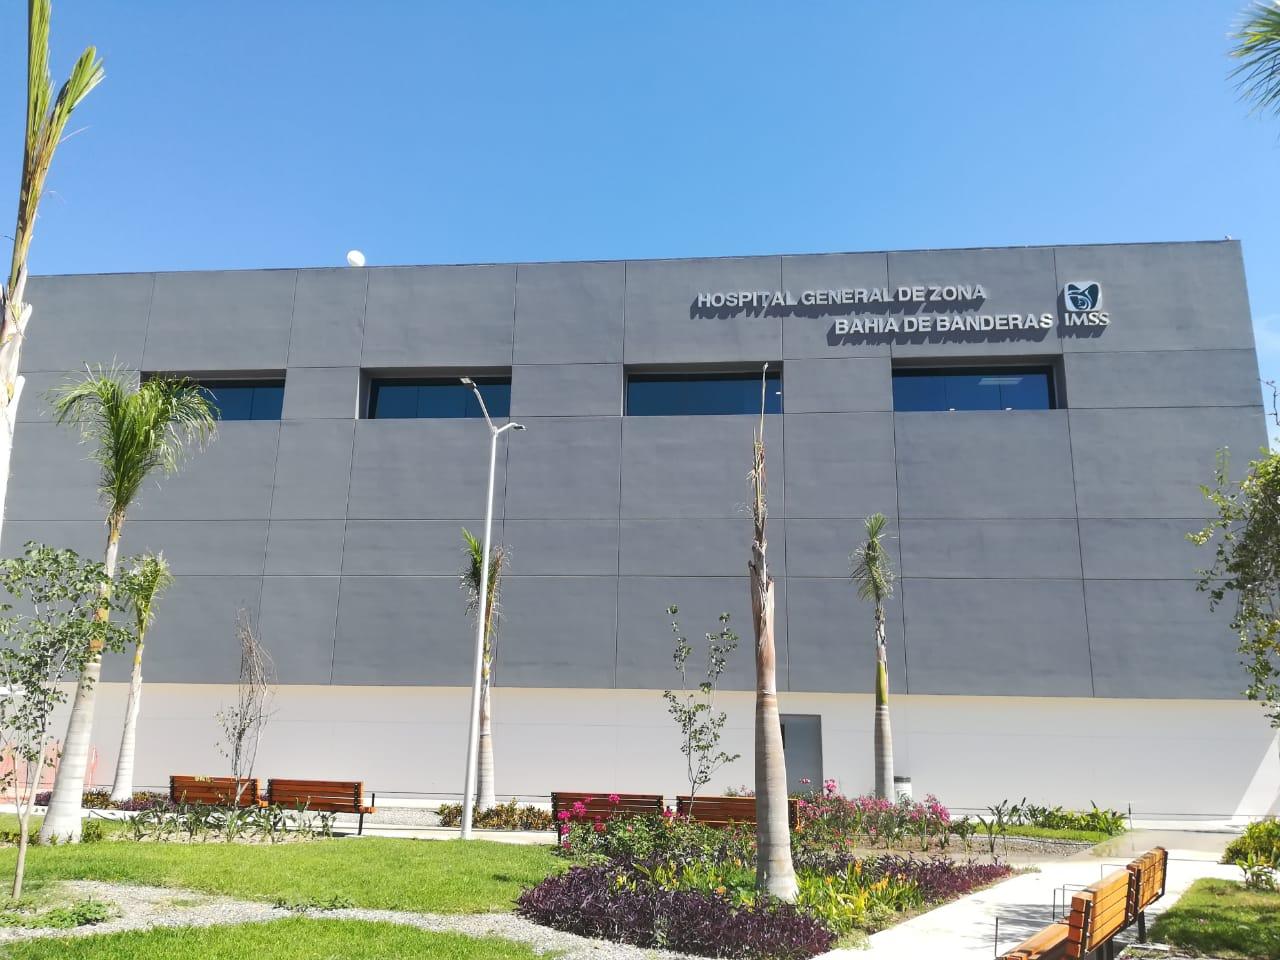 Habilita IMSS hospital en Bahía de Banderas para atención exclusiva de pacientes con COVID-19